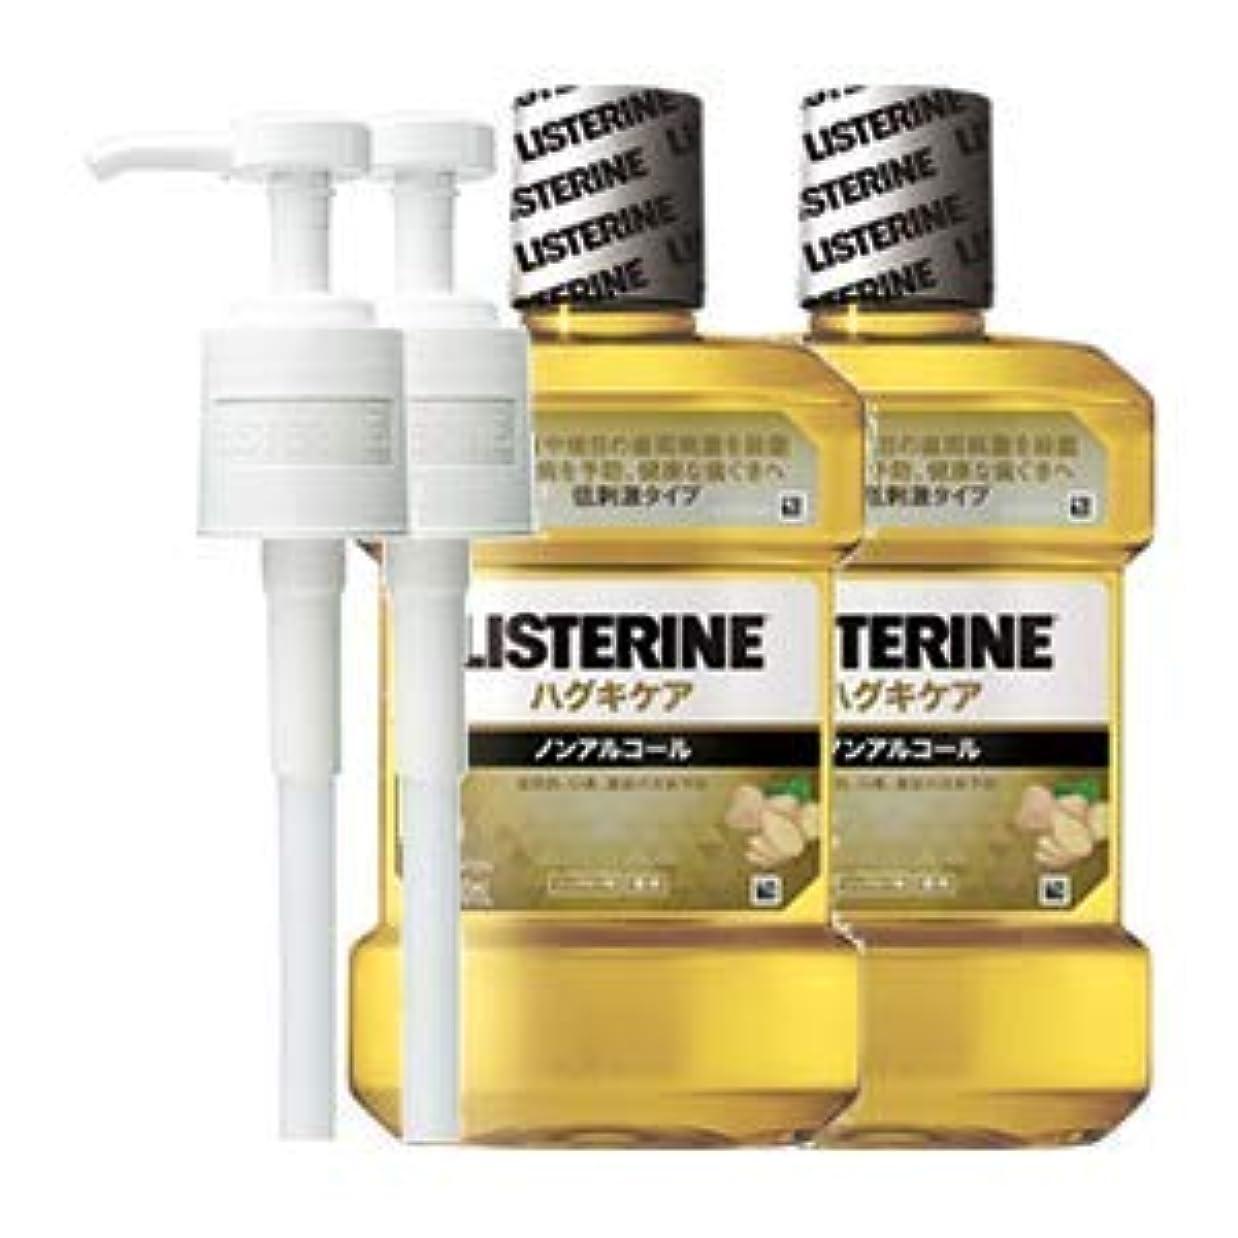 毎日一目衰える薬用リステリン ハグキケア (液体歯磨) 1000mL 2点セット (ポンプ付)